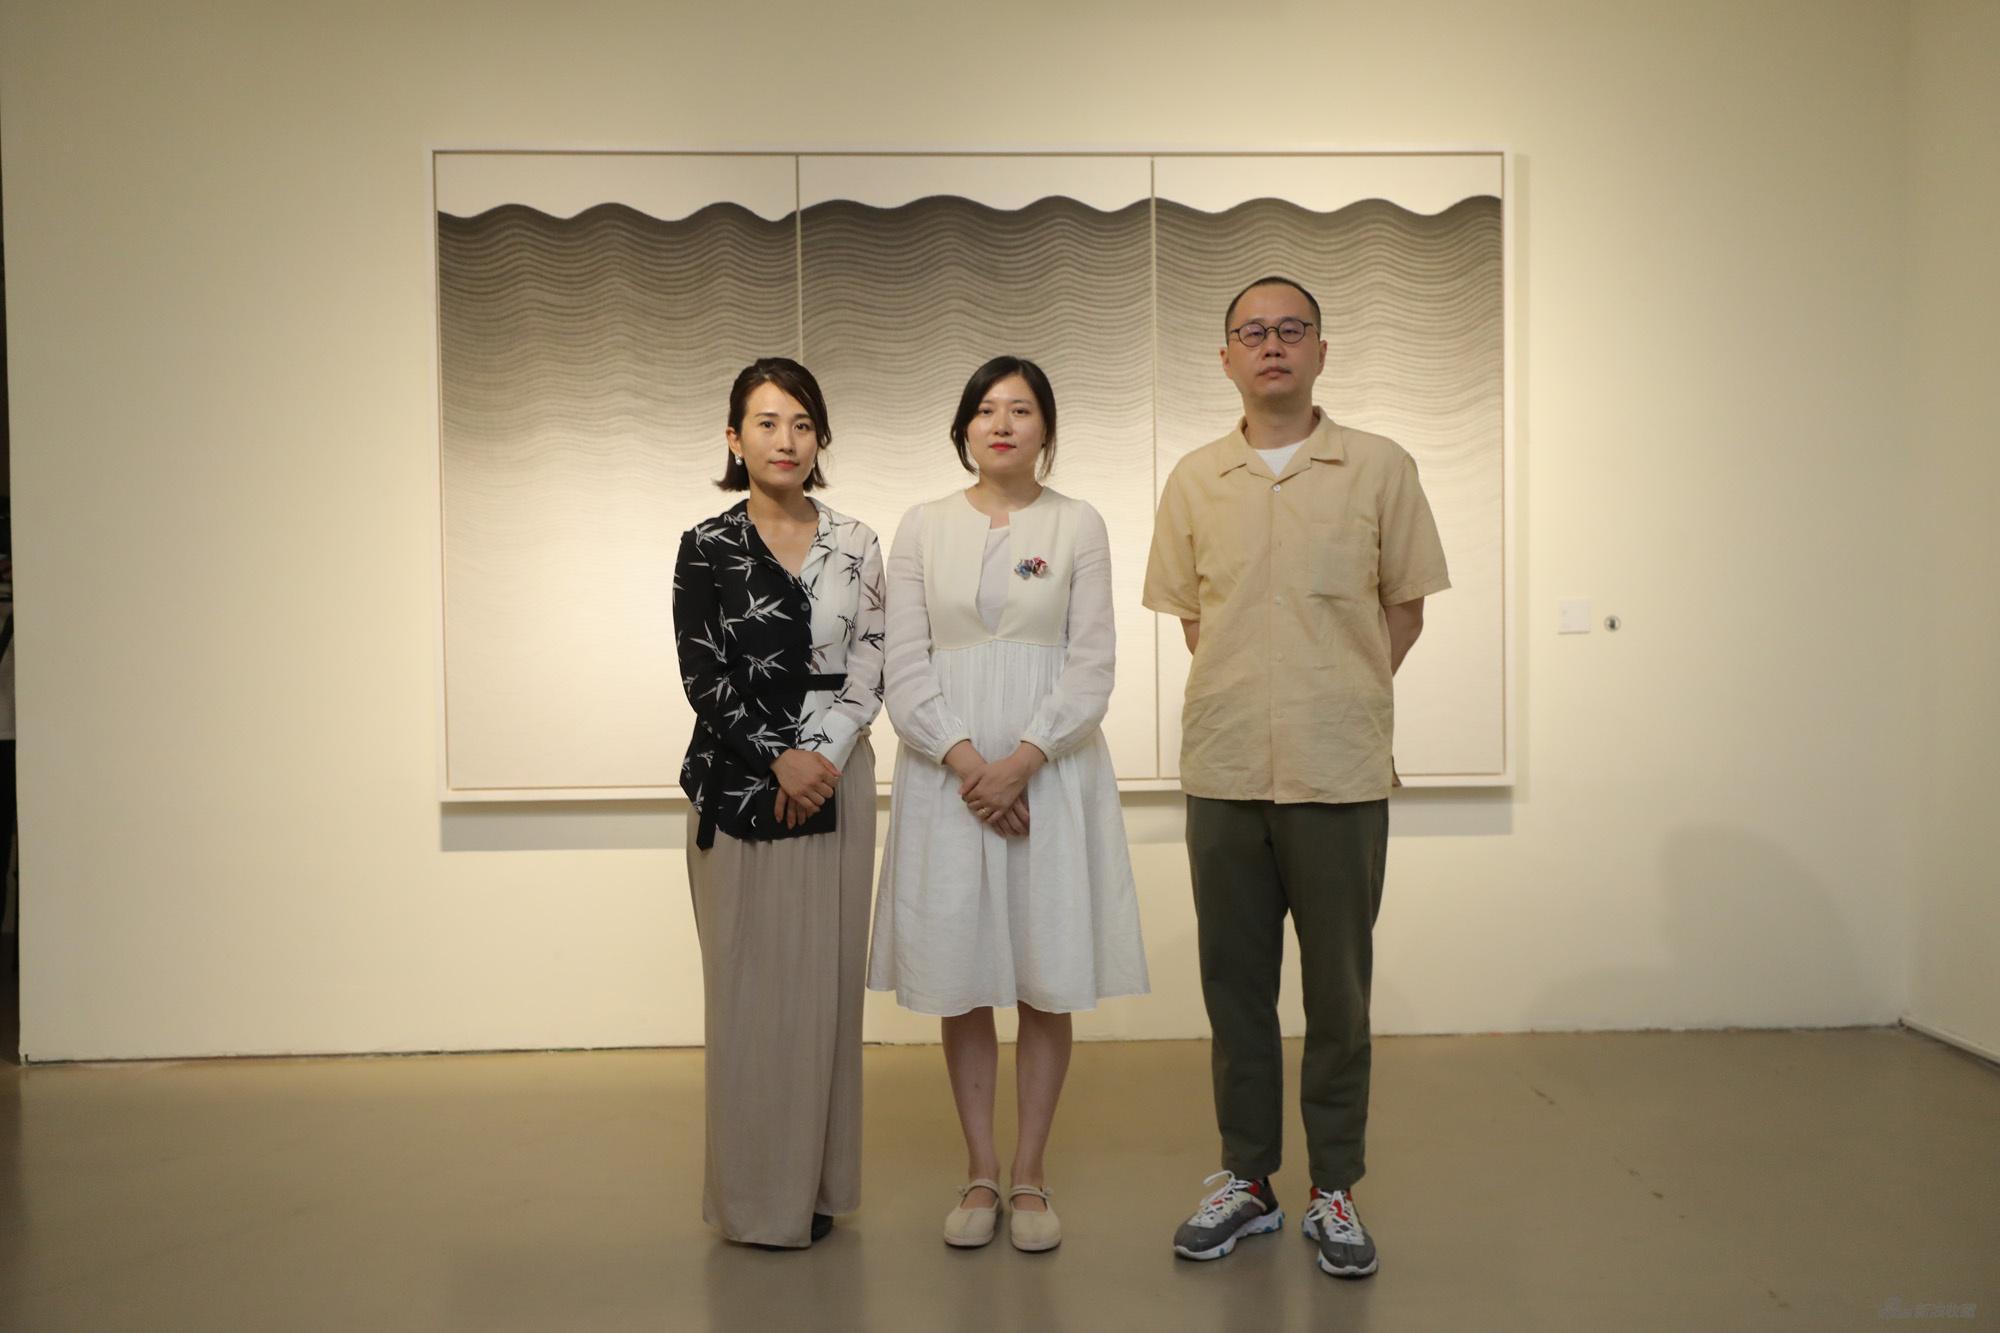 左起:今日美术馆发展副馆长刘树惠,艺术家戴莹,策展人孙冬冬